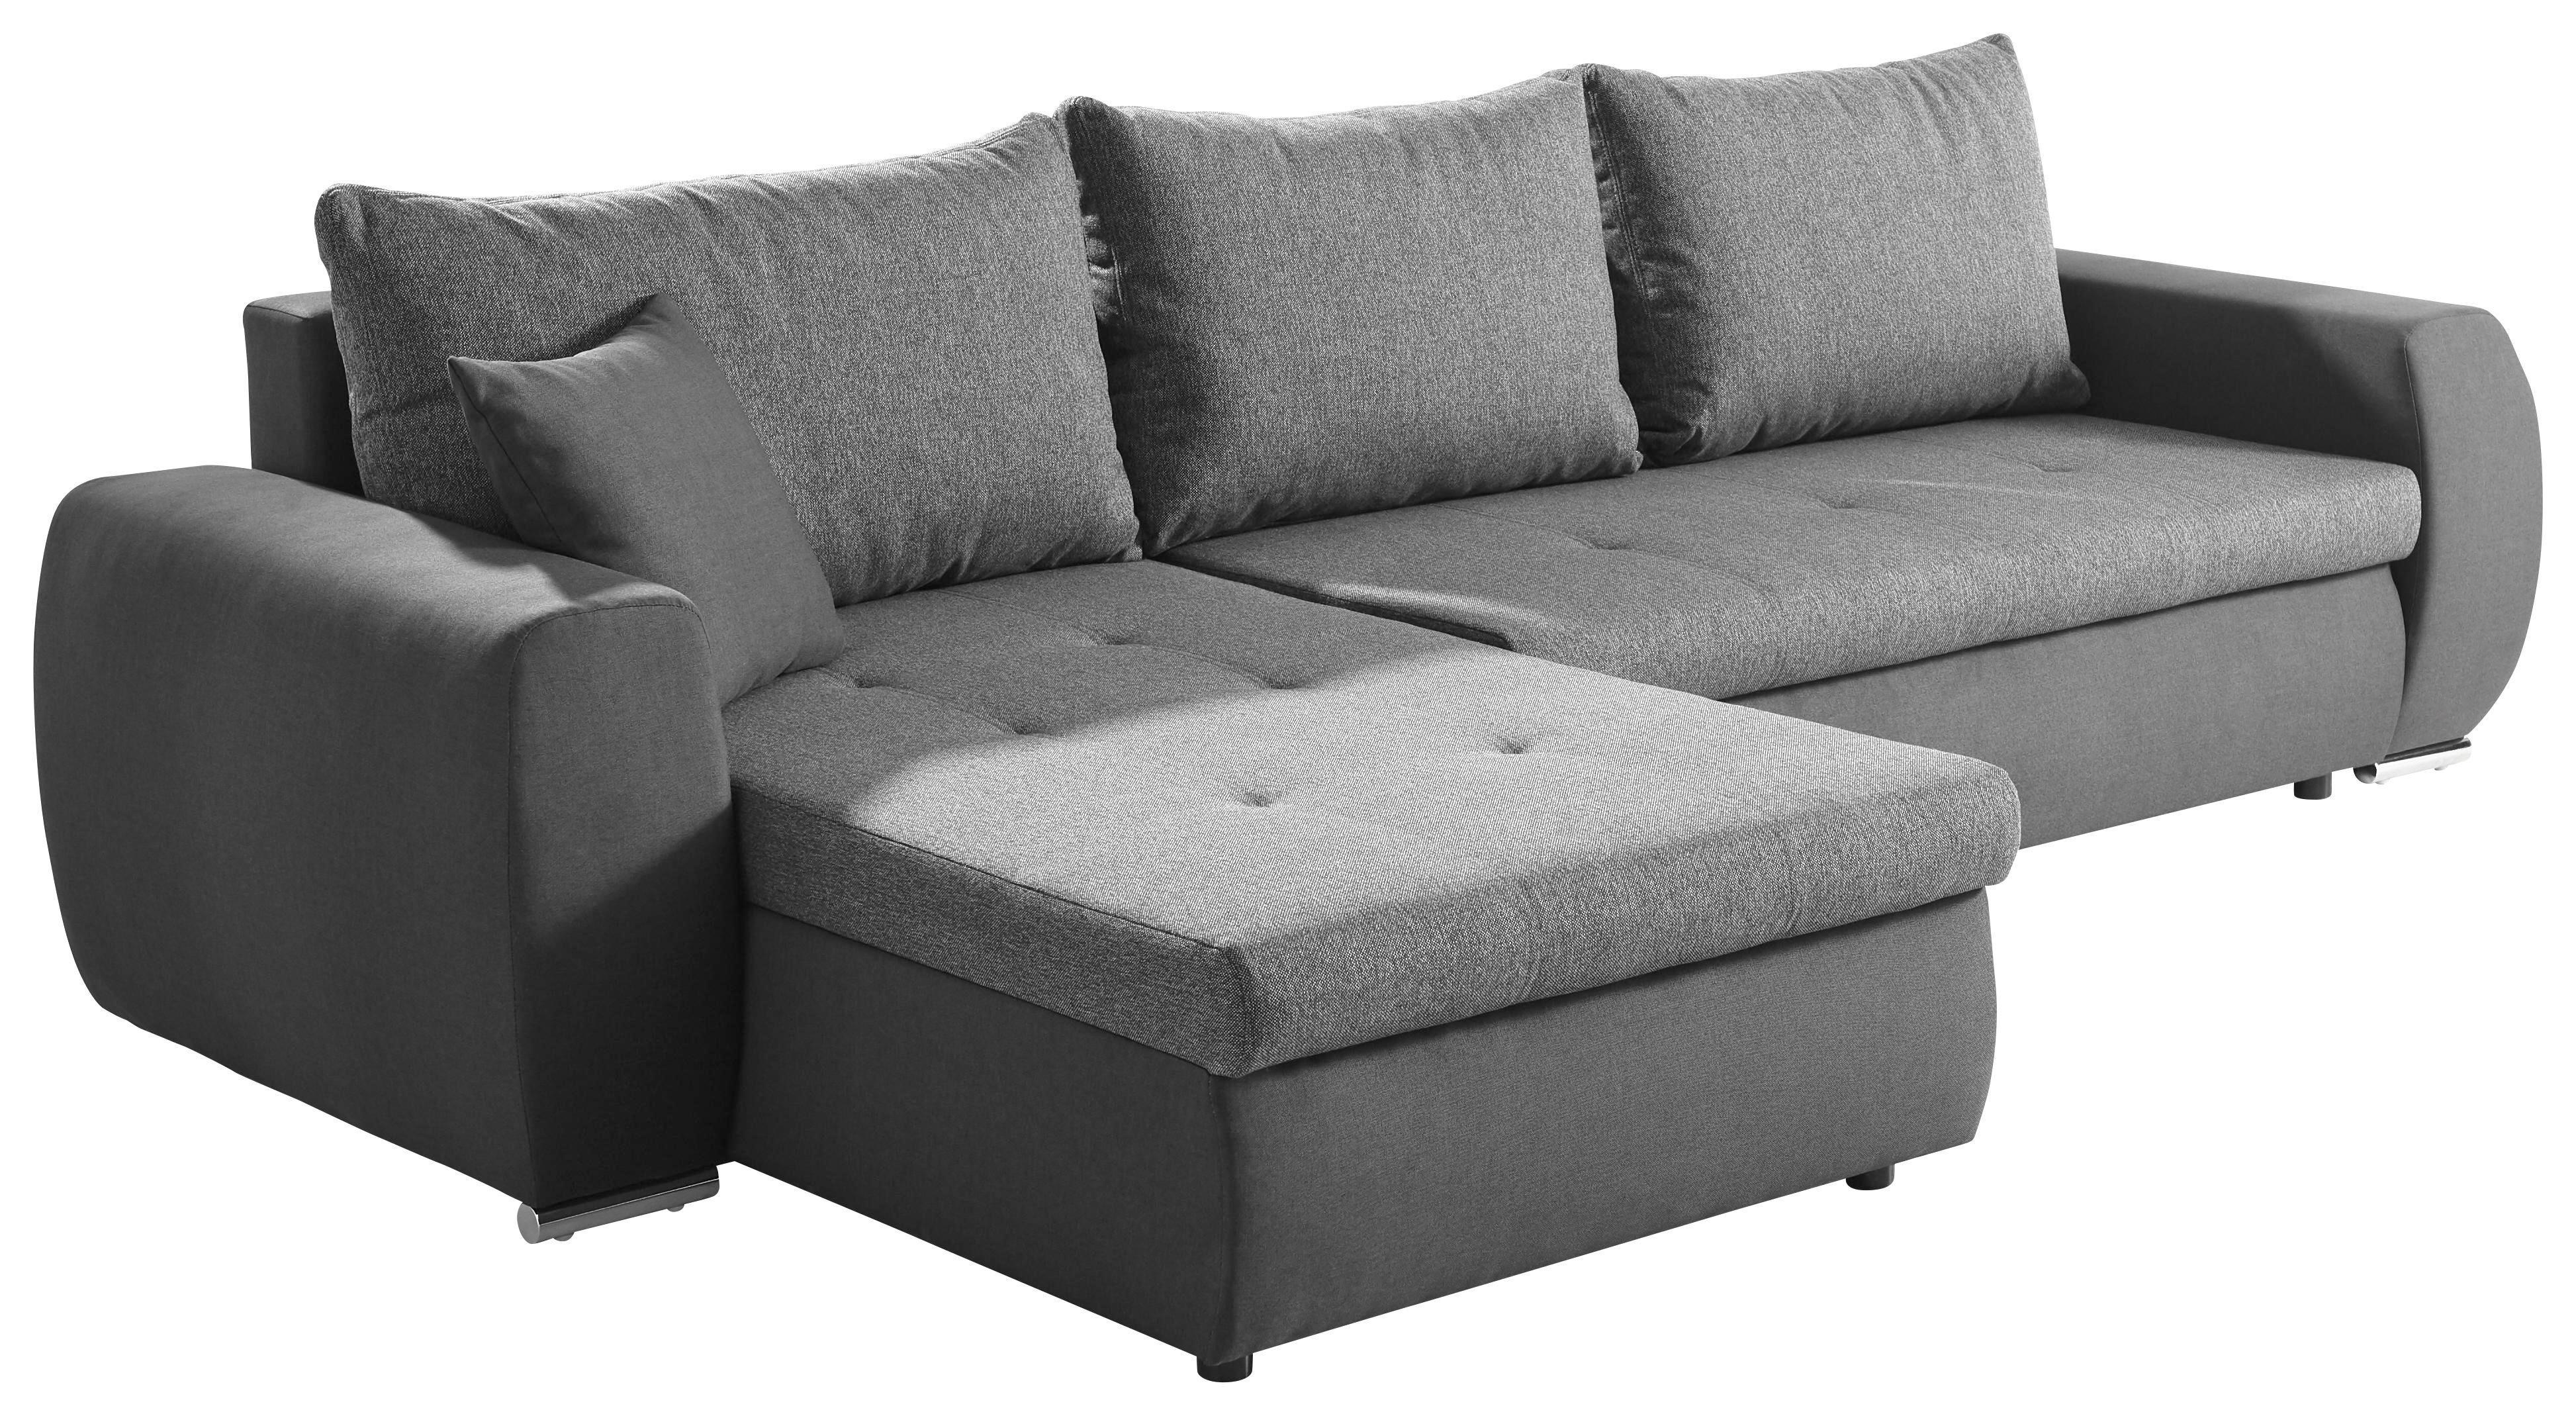 WOHNLANDSCHAFT Webstoff Bettkasten, Rücken echt, Rückenkissen, Schlaffunktion, Zierkissen - Silberfarben/Graphitfarben, Design, Kunststoff/Textil (300/175cm) - CARRYHOME